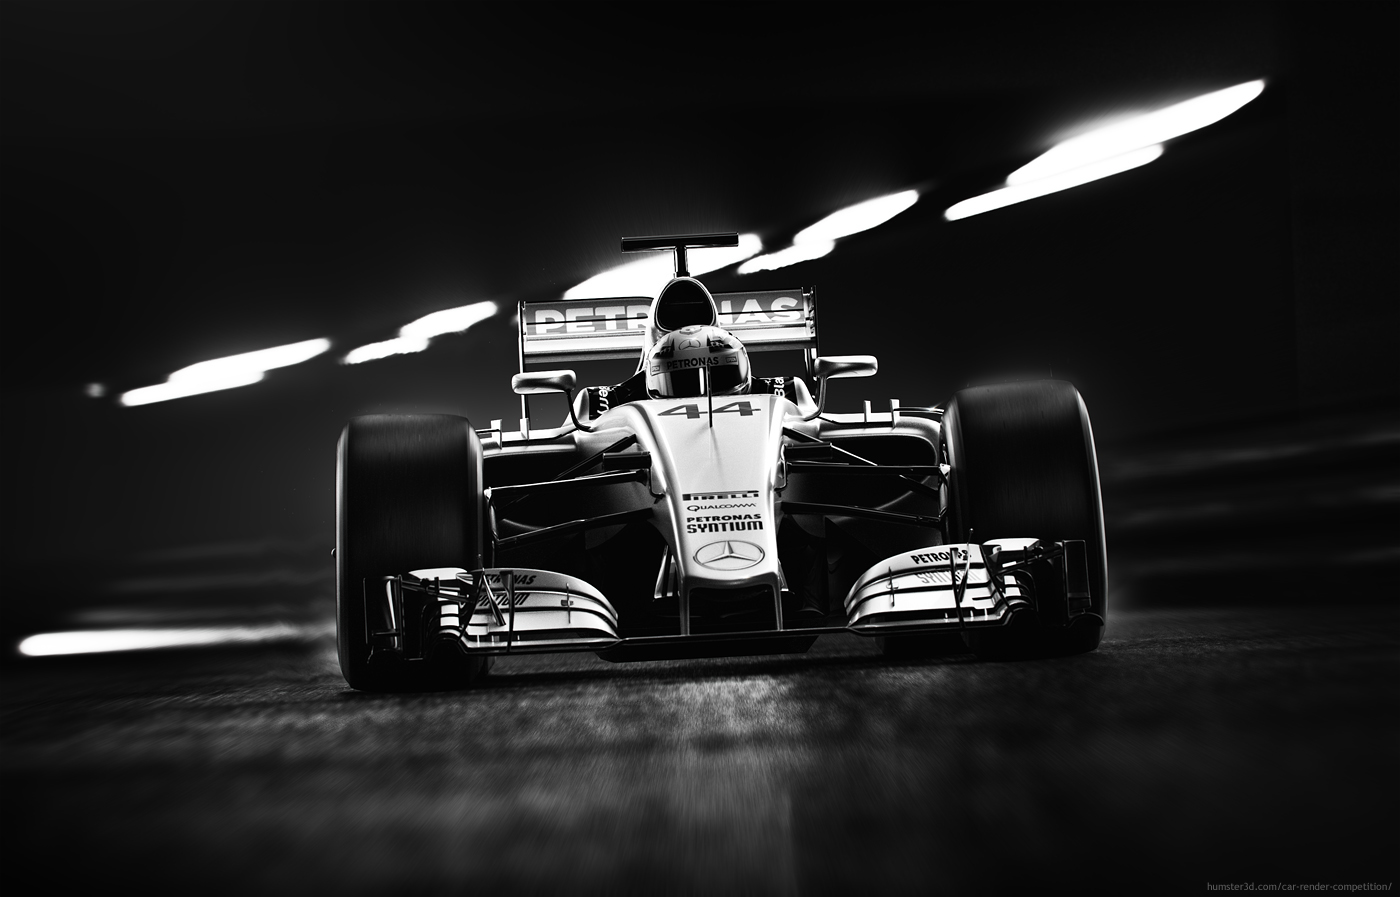 Monaco 3d art